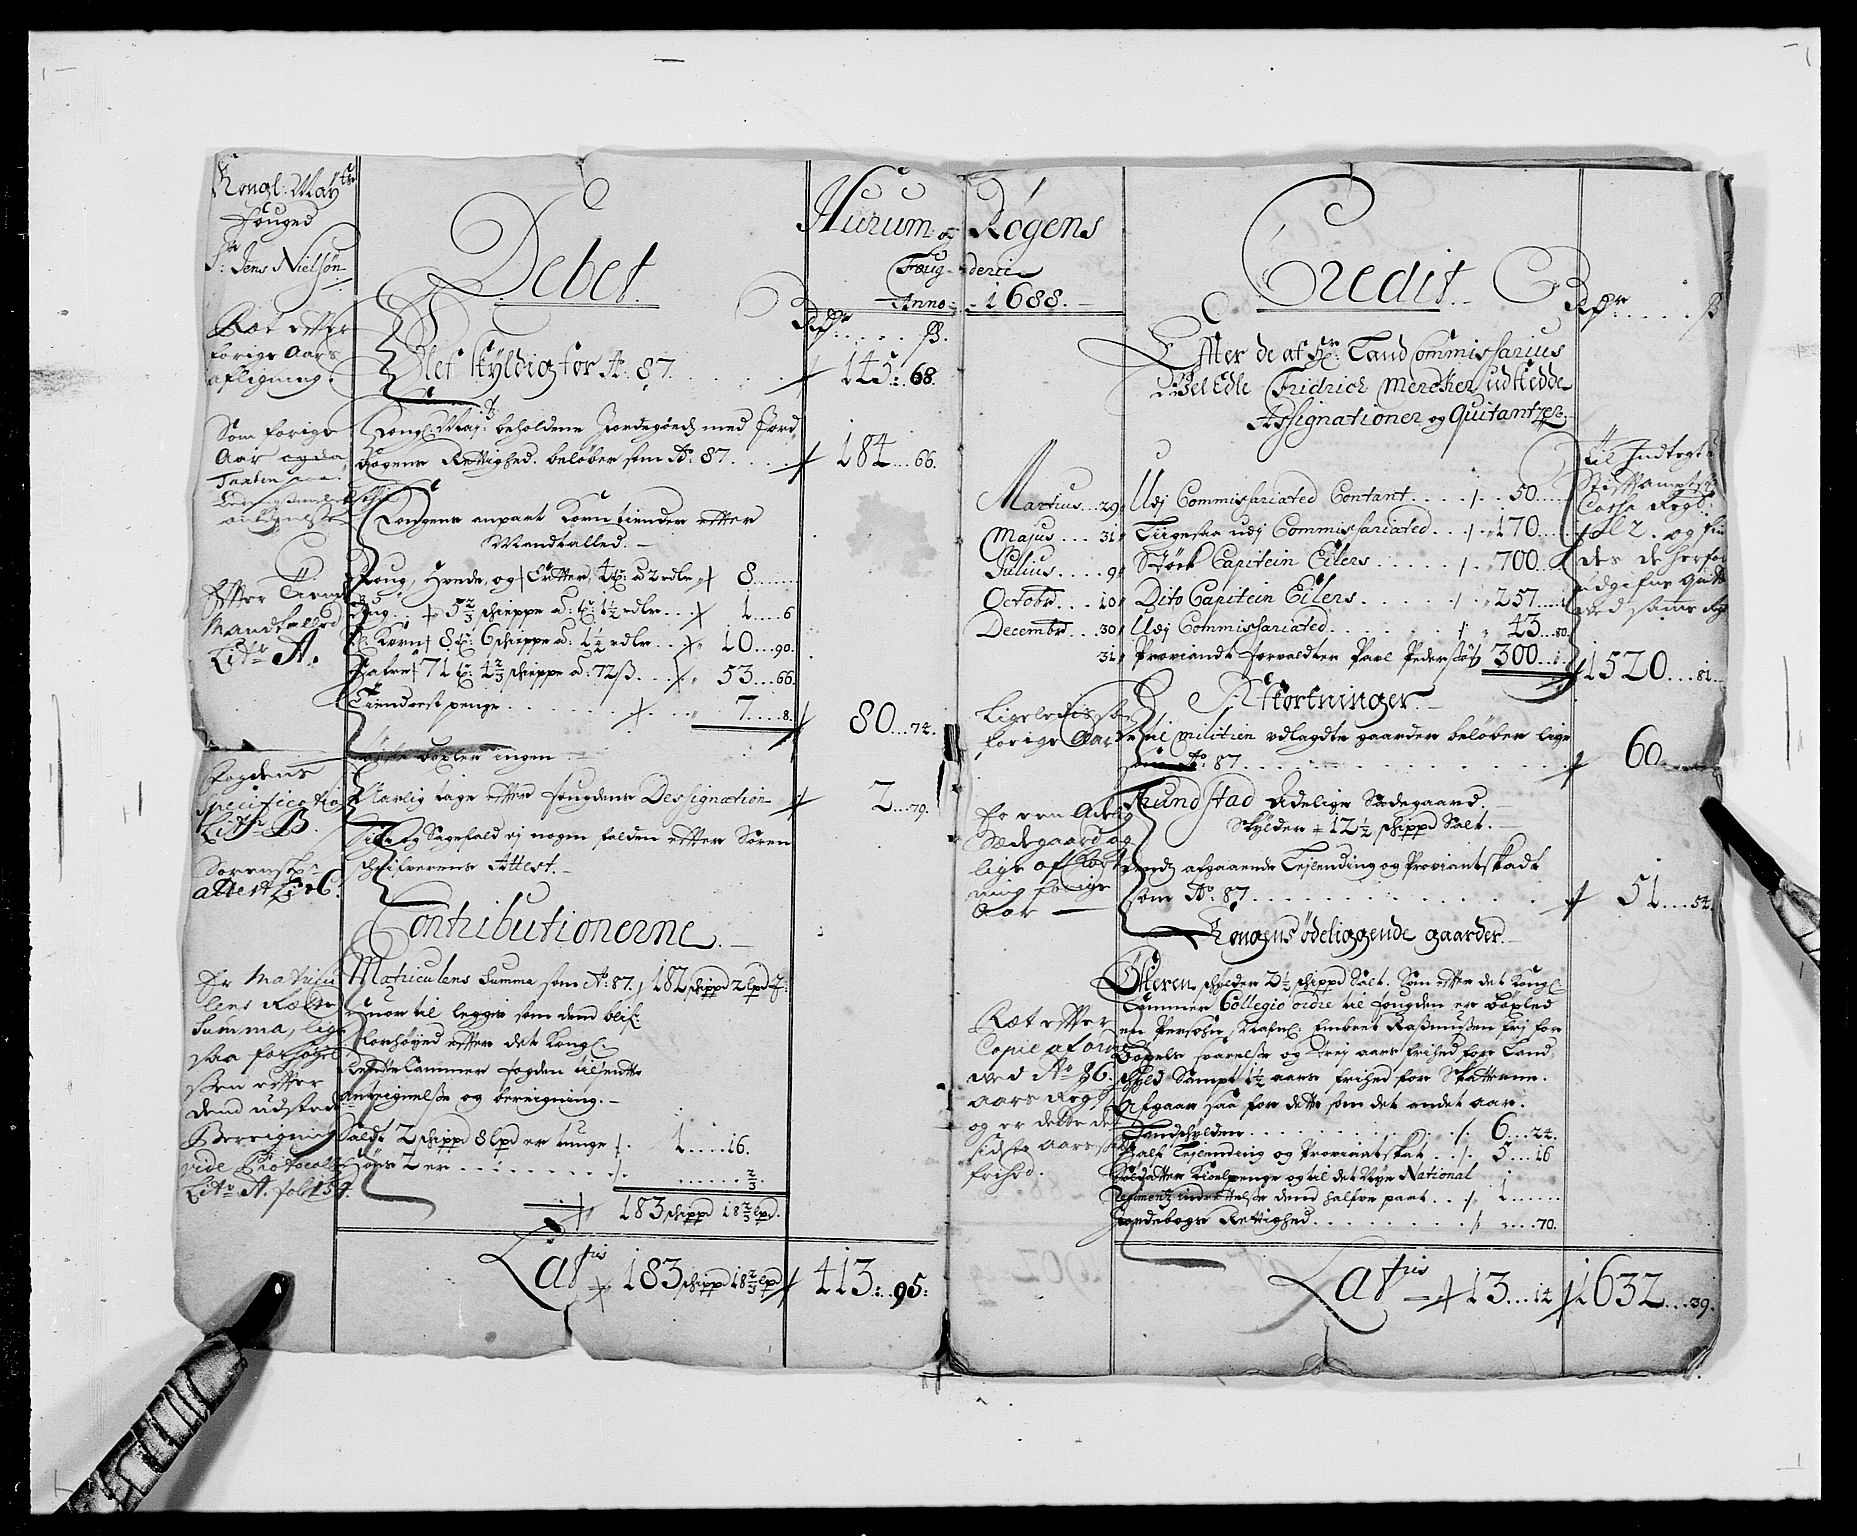 RA, Rentekammeret inntil 1814, Reviderte regnskaper, Fogderegnskap, R29/L1693: Fogderegnskap Hurum og Røyken, 1688-1693, s. 2